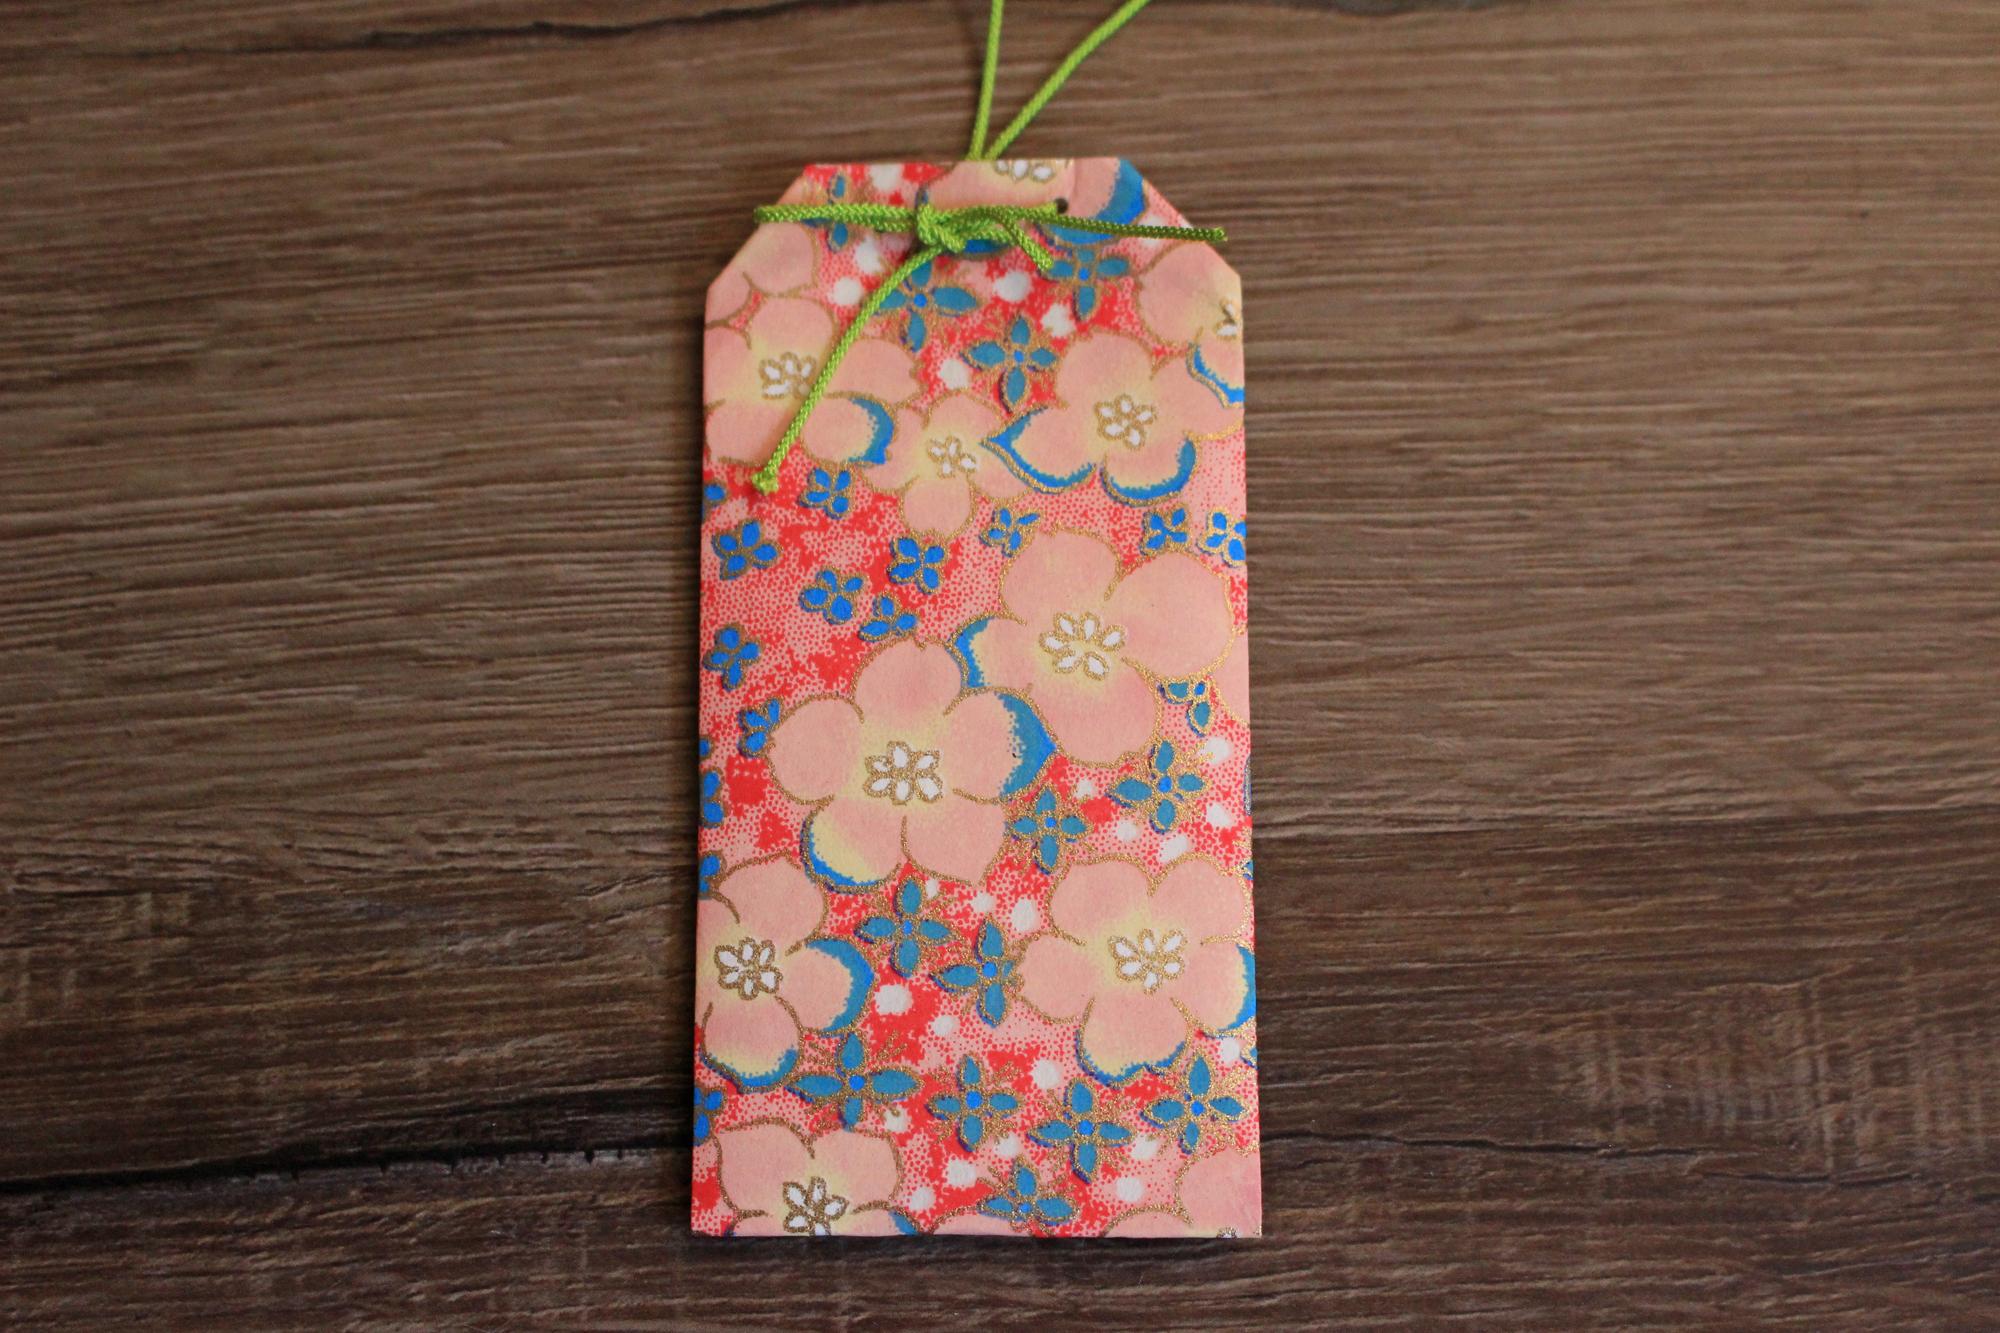 コロナ退散!和紙お守り型ポチ袋+ミニ和紙カード 5枚セット No.1